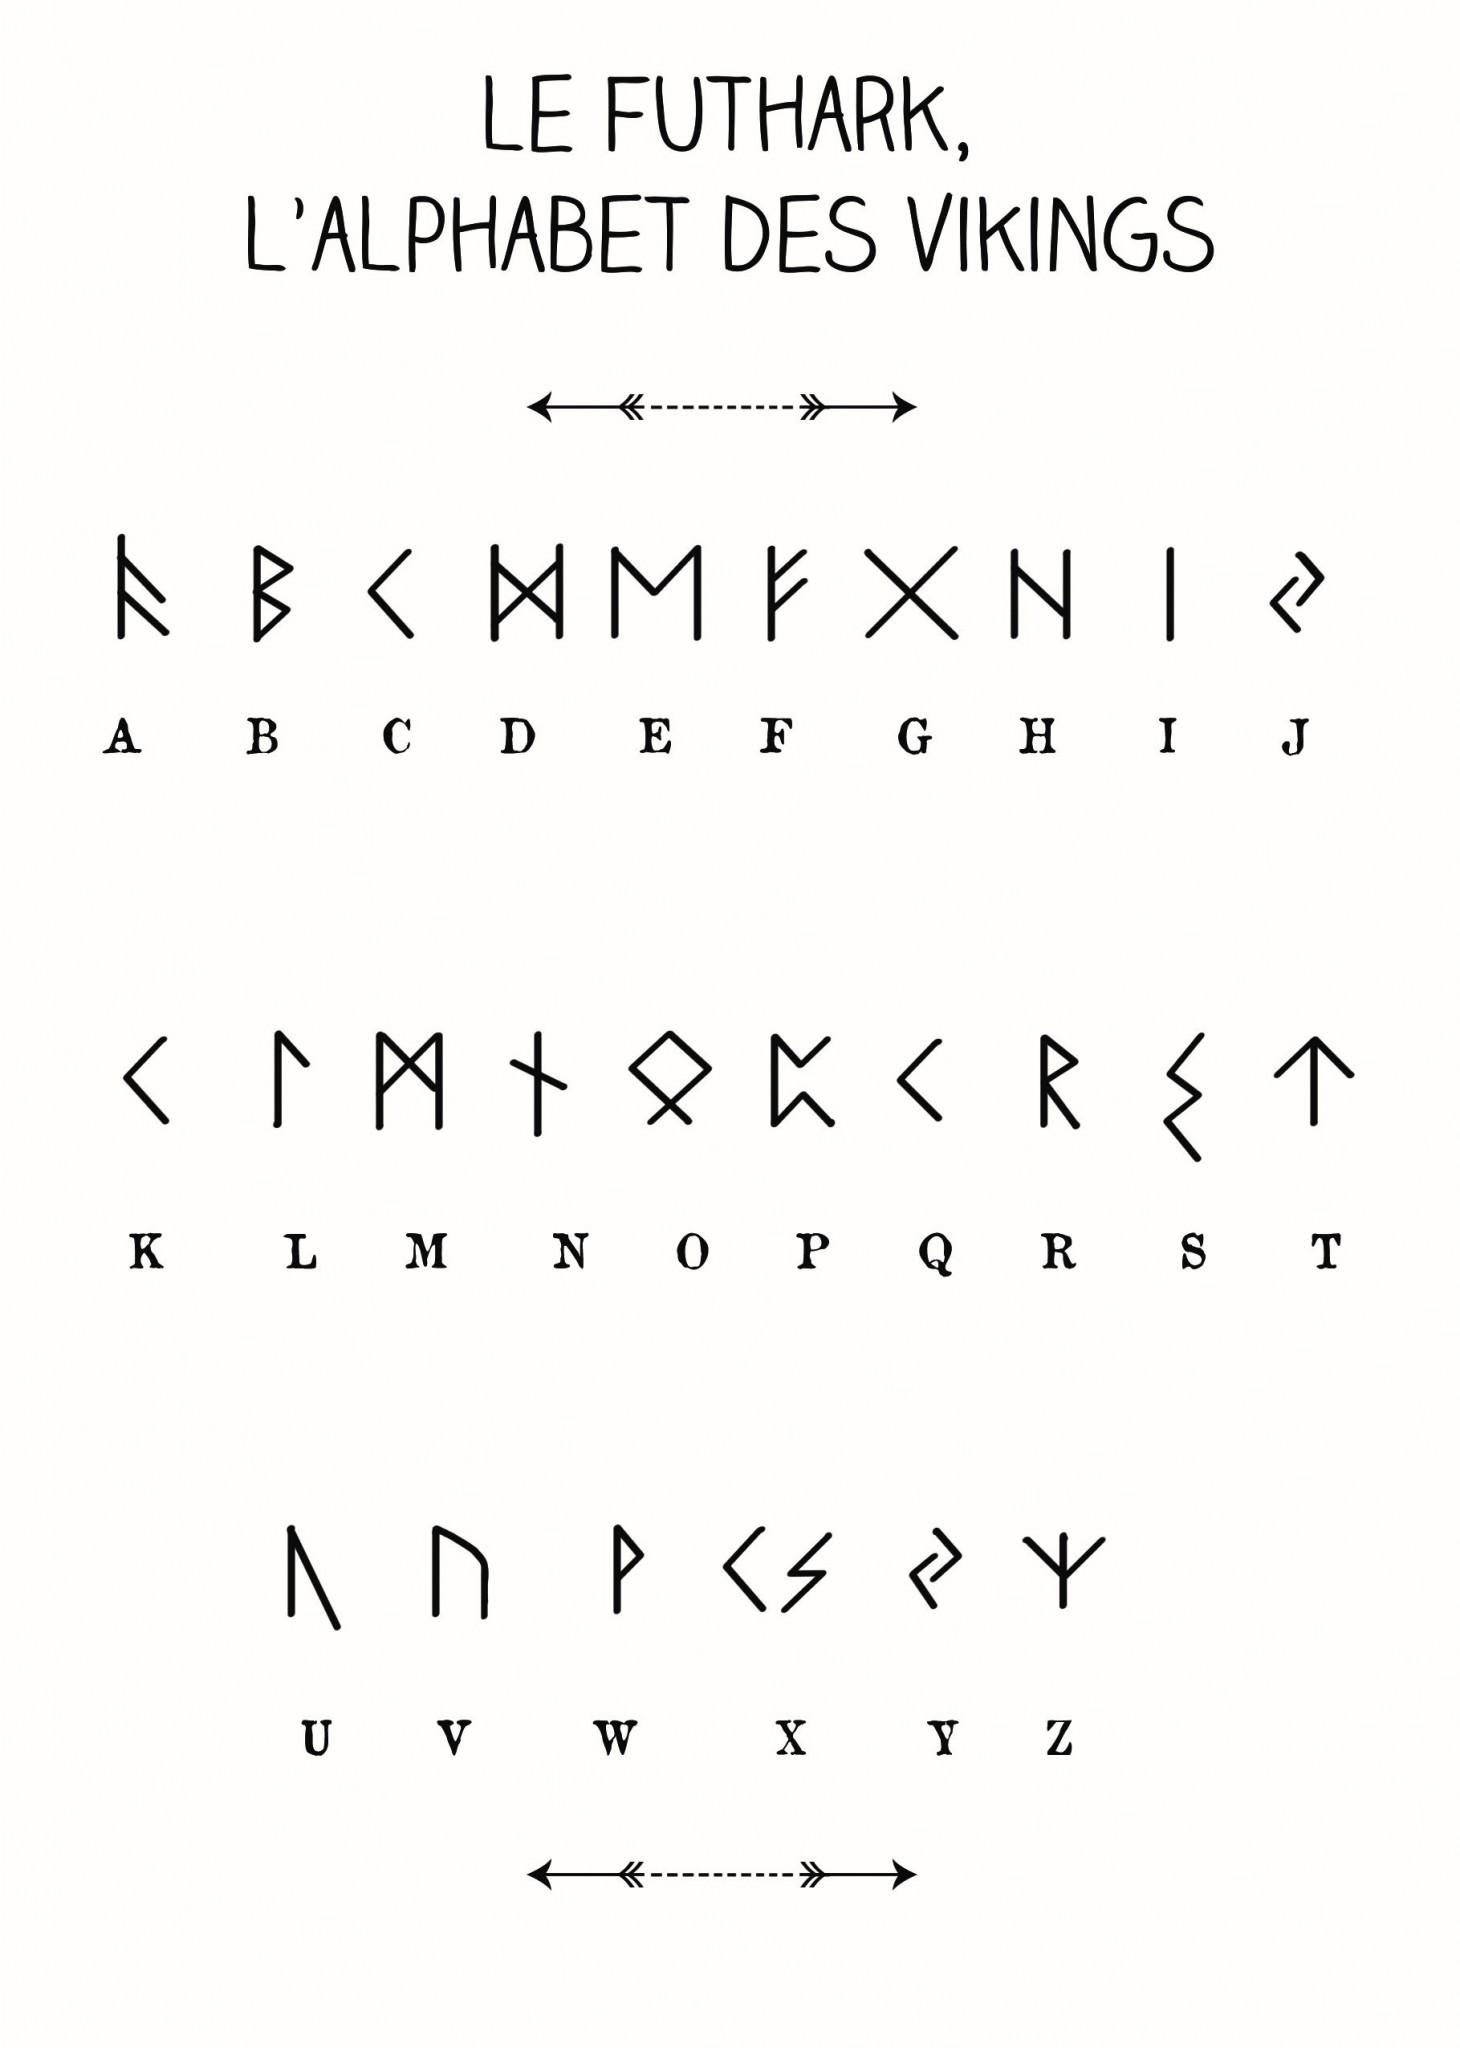 Futhark alphabet viking